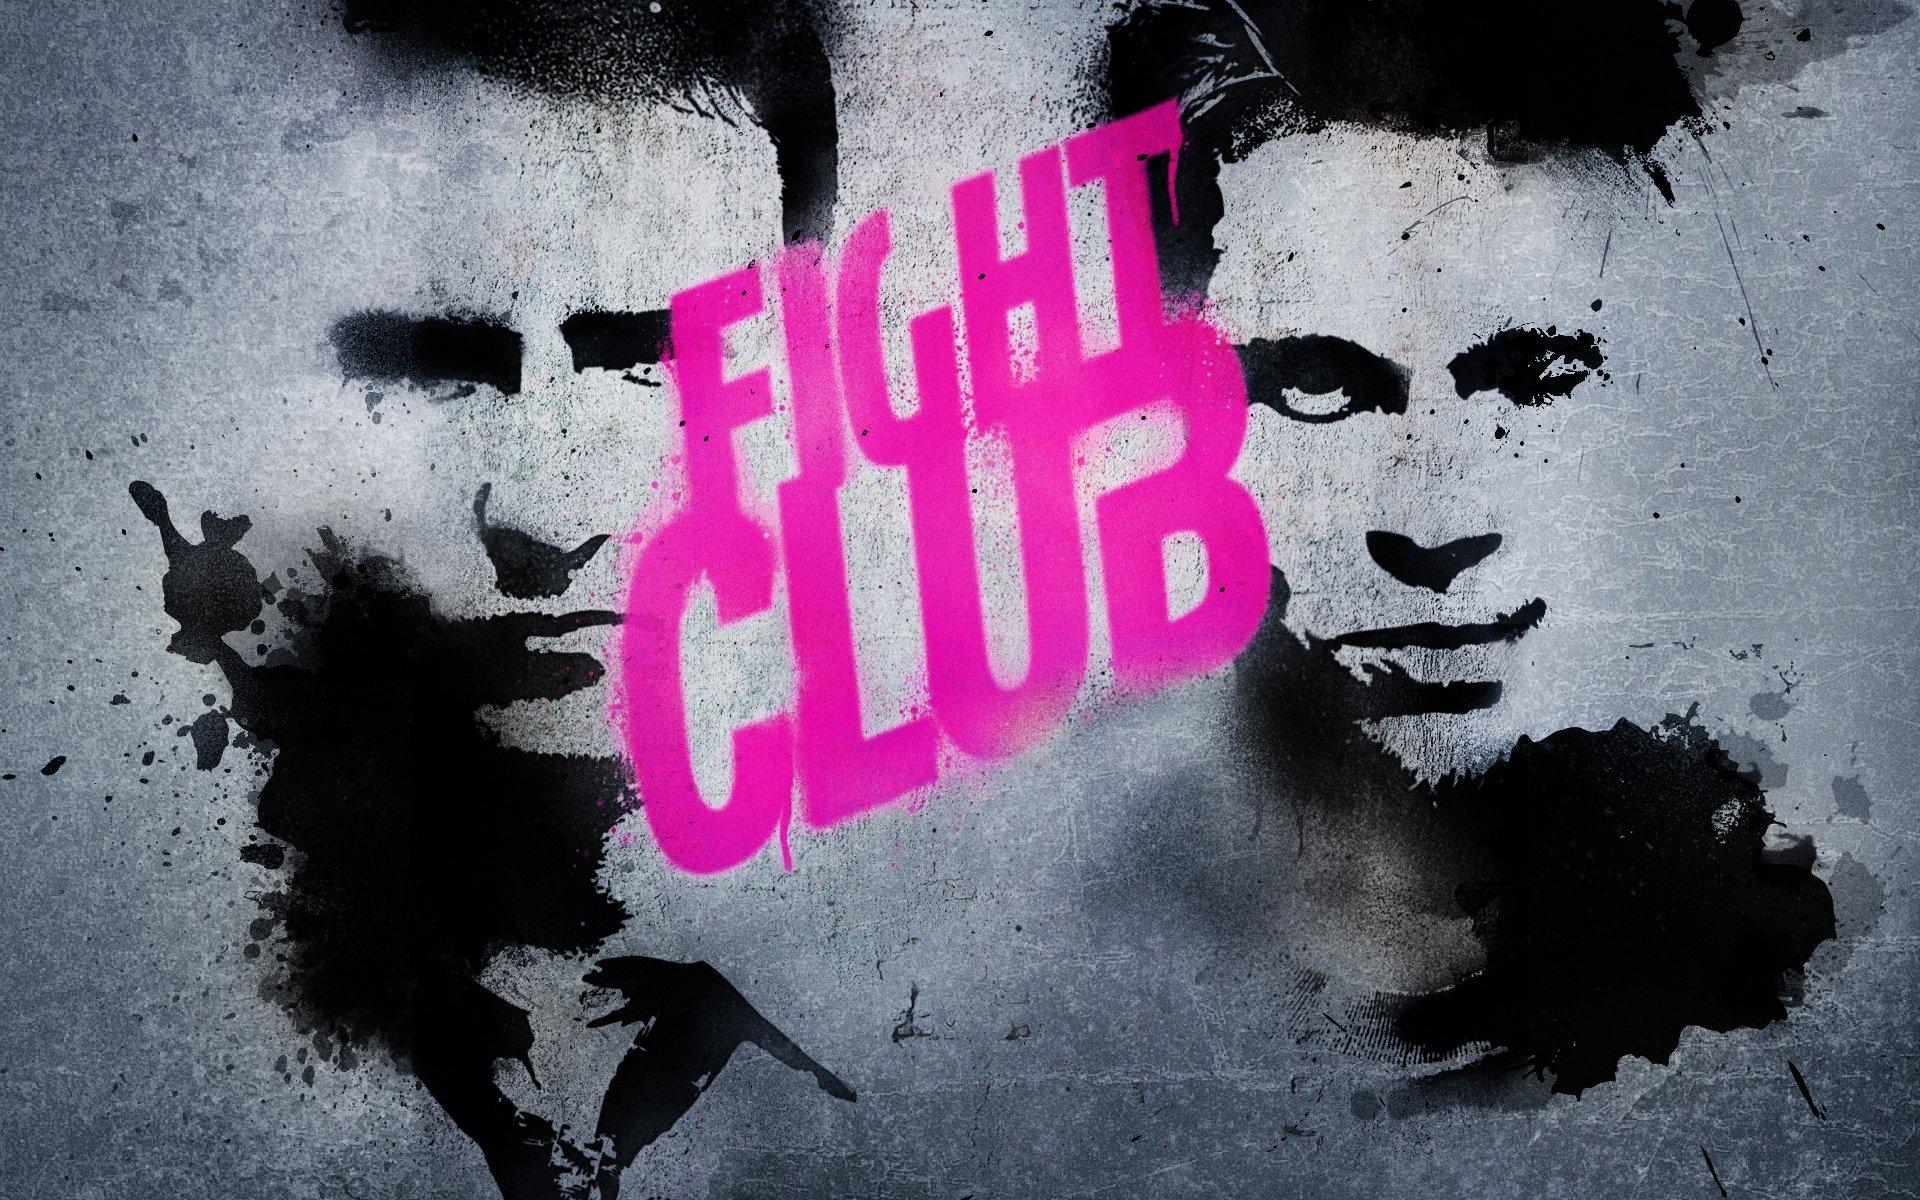 Игры и фильмы по комиксам: Fight Club - Изображение 1